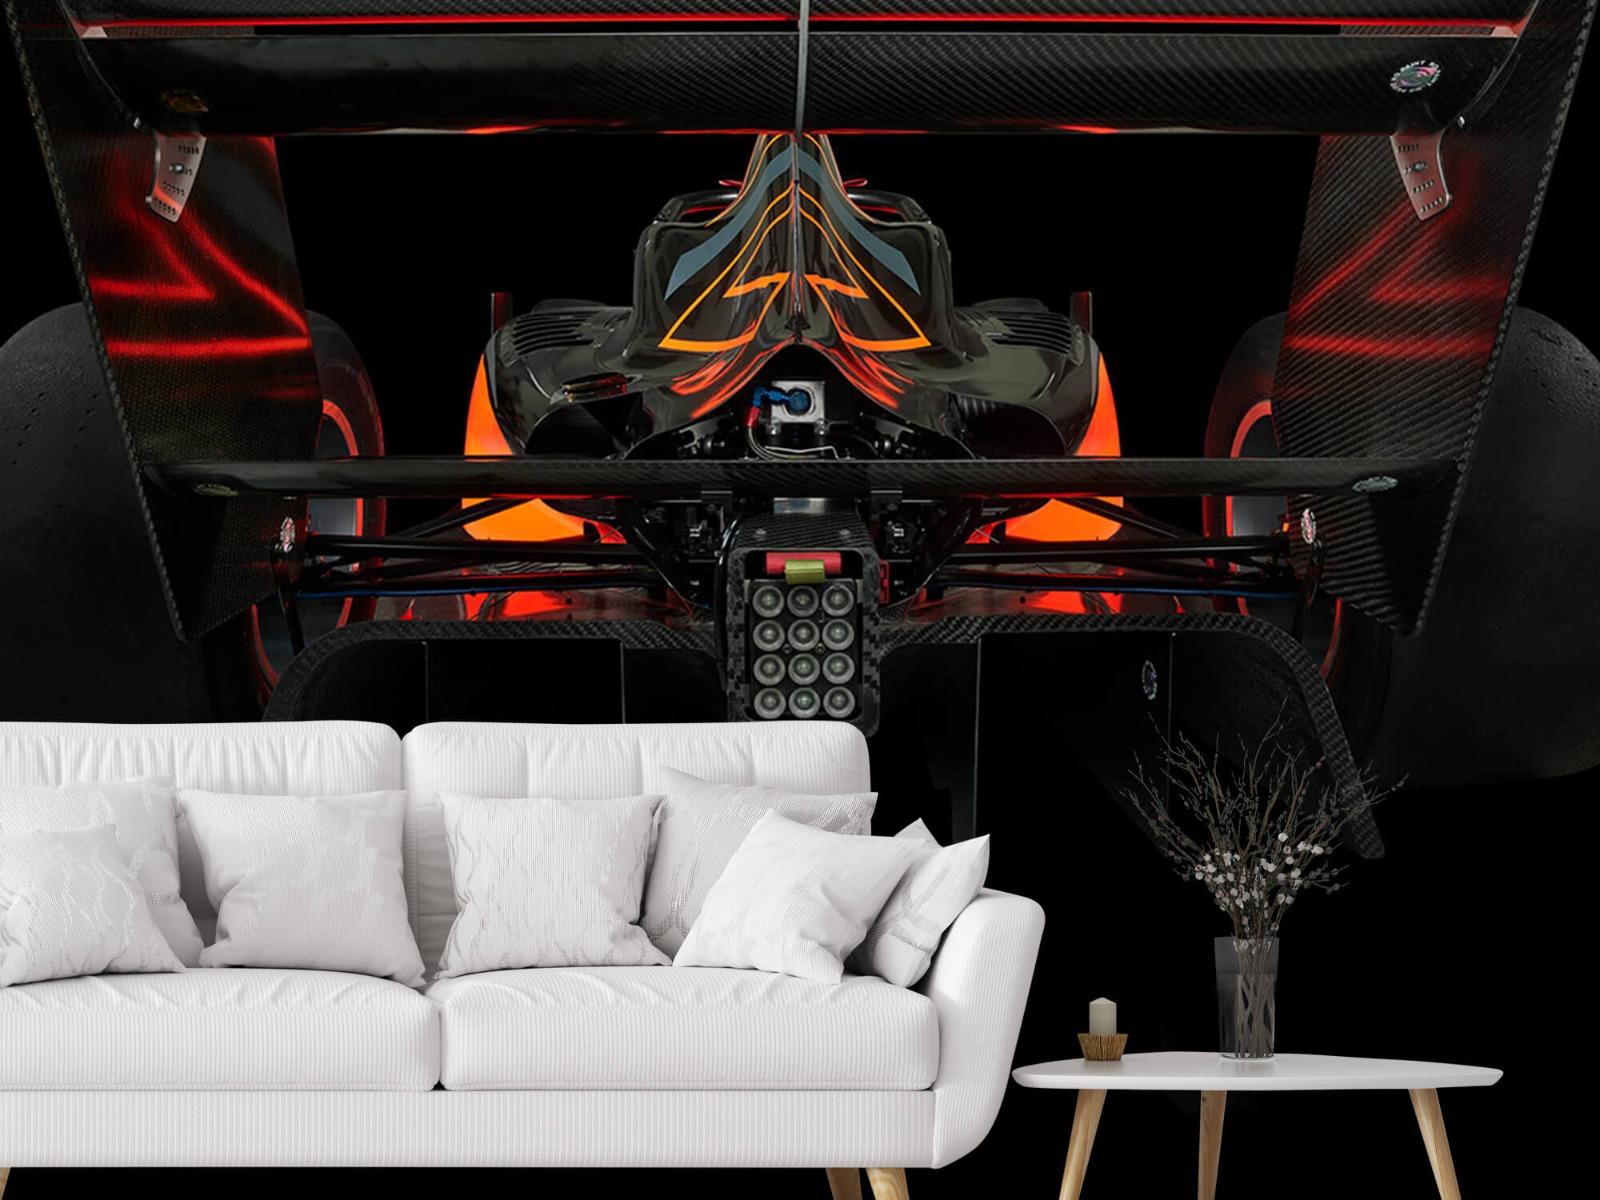 Sportauto's - Formule 3 - Lower rear view - dark - Garage 2